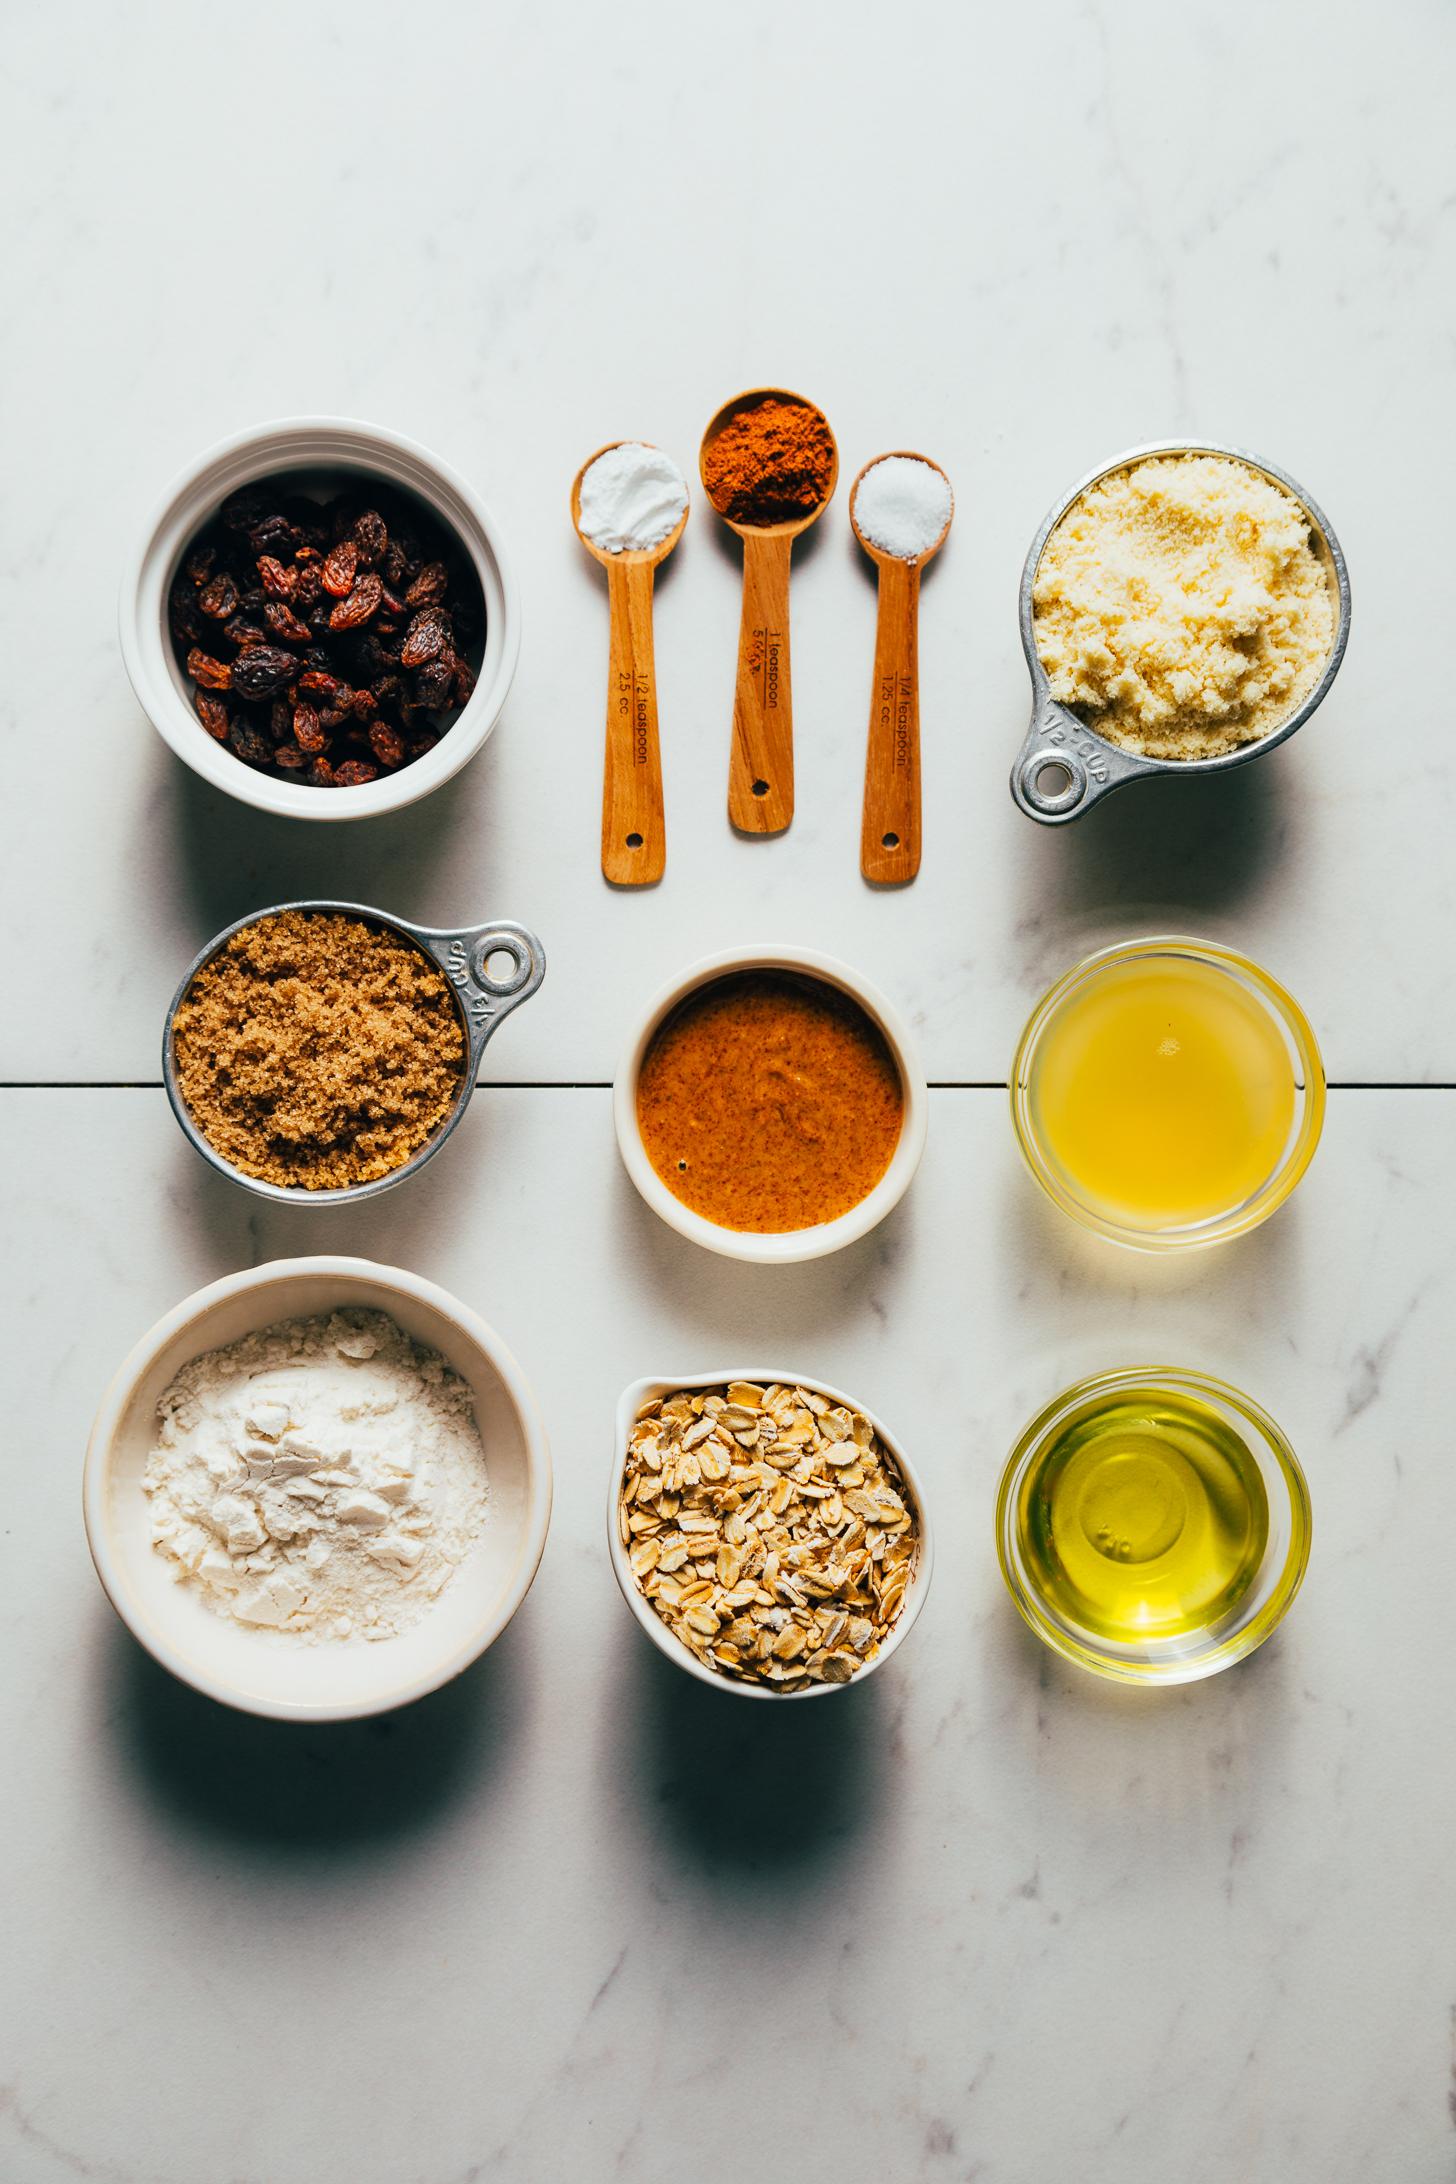 Mazsola, barnacukor, gluténmentes lisztkeverék, zab, mandulavaj, sütőpor, fahéj, tengeri só, mandulaliszt, csicseriborsó sós lé és avokádóolaj